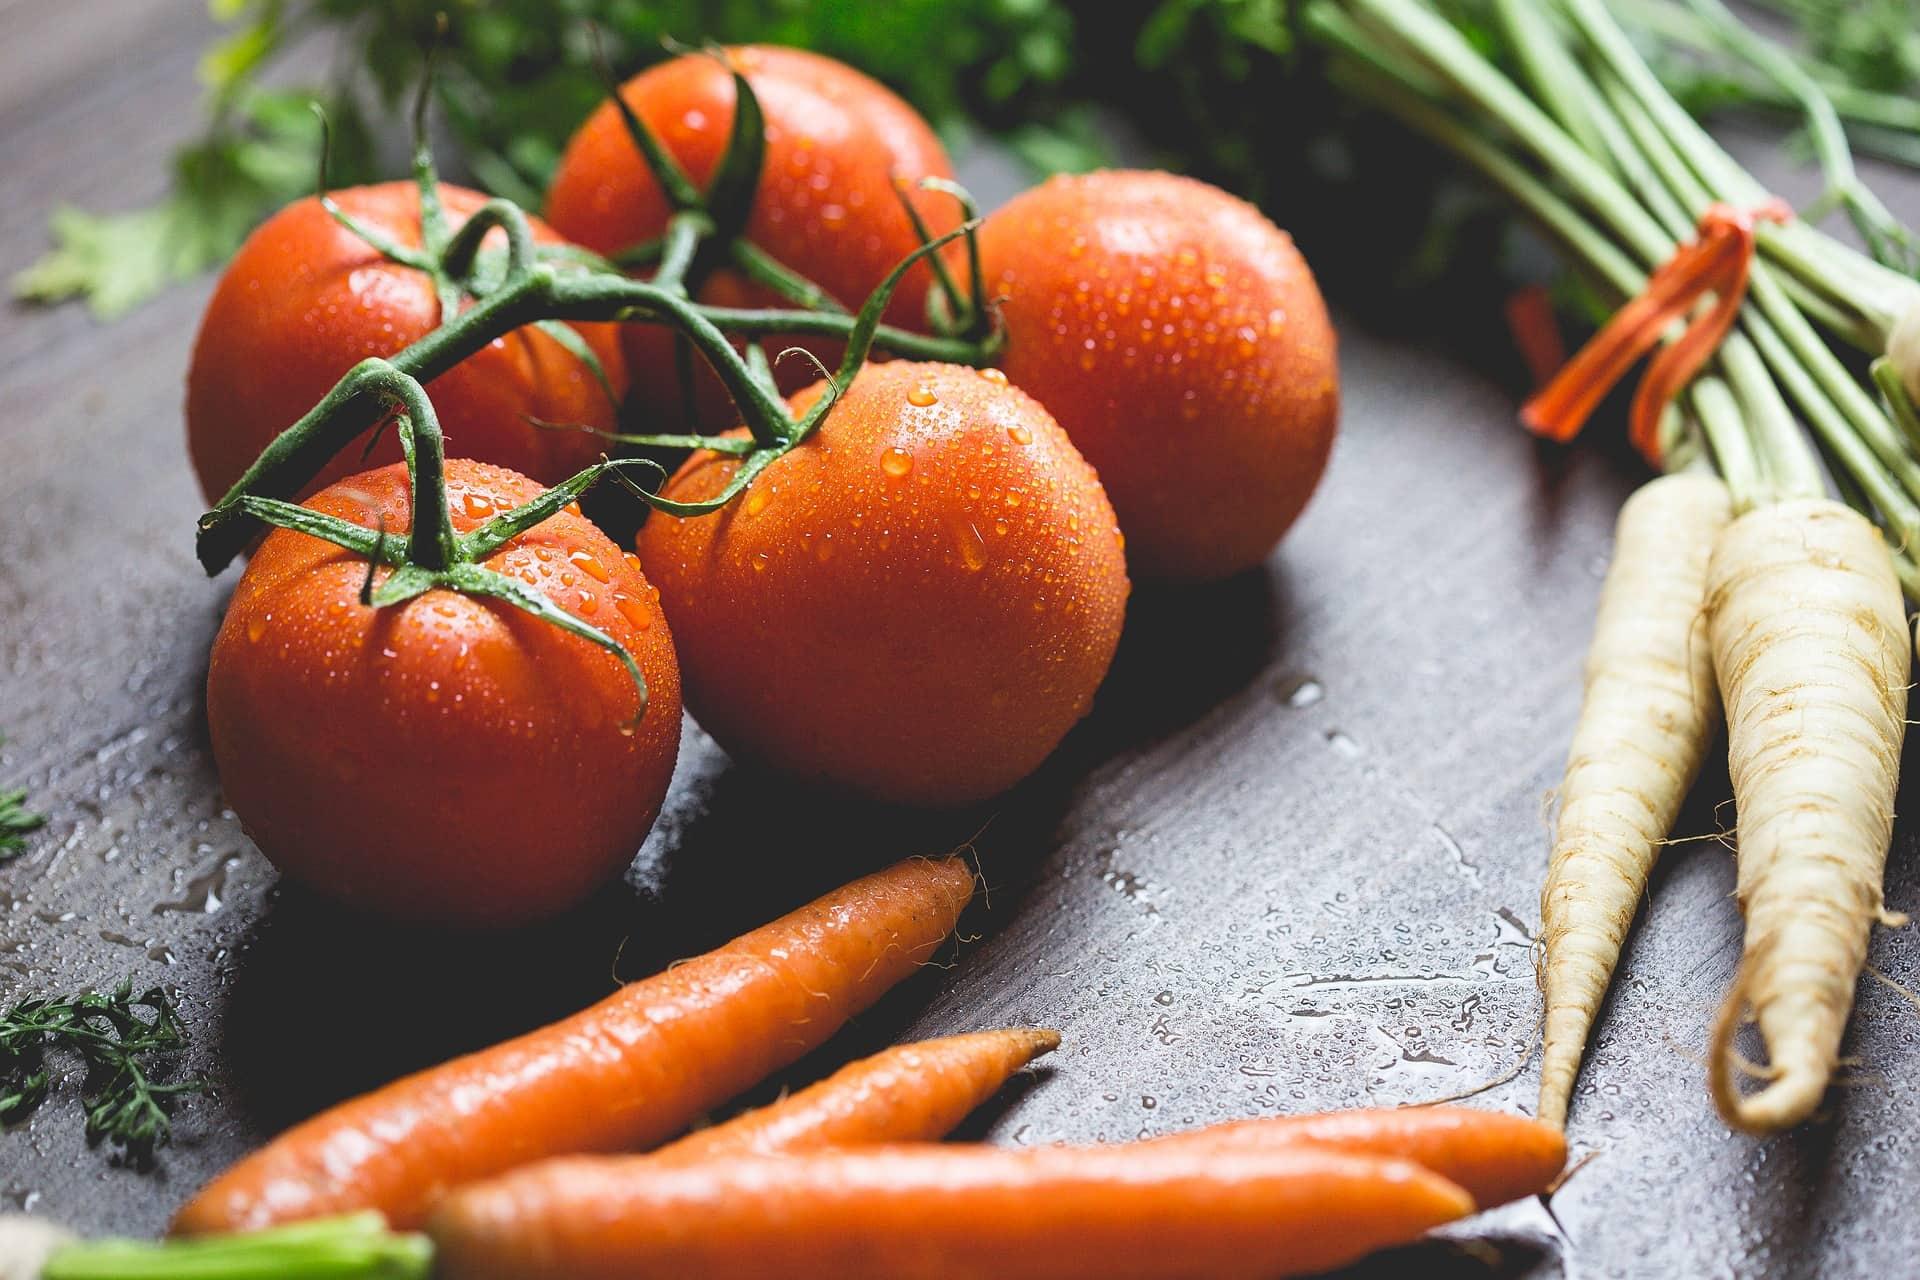 zupa pomidorowa dla dzieci skladniki